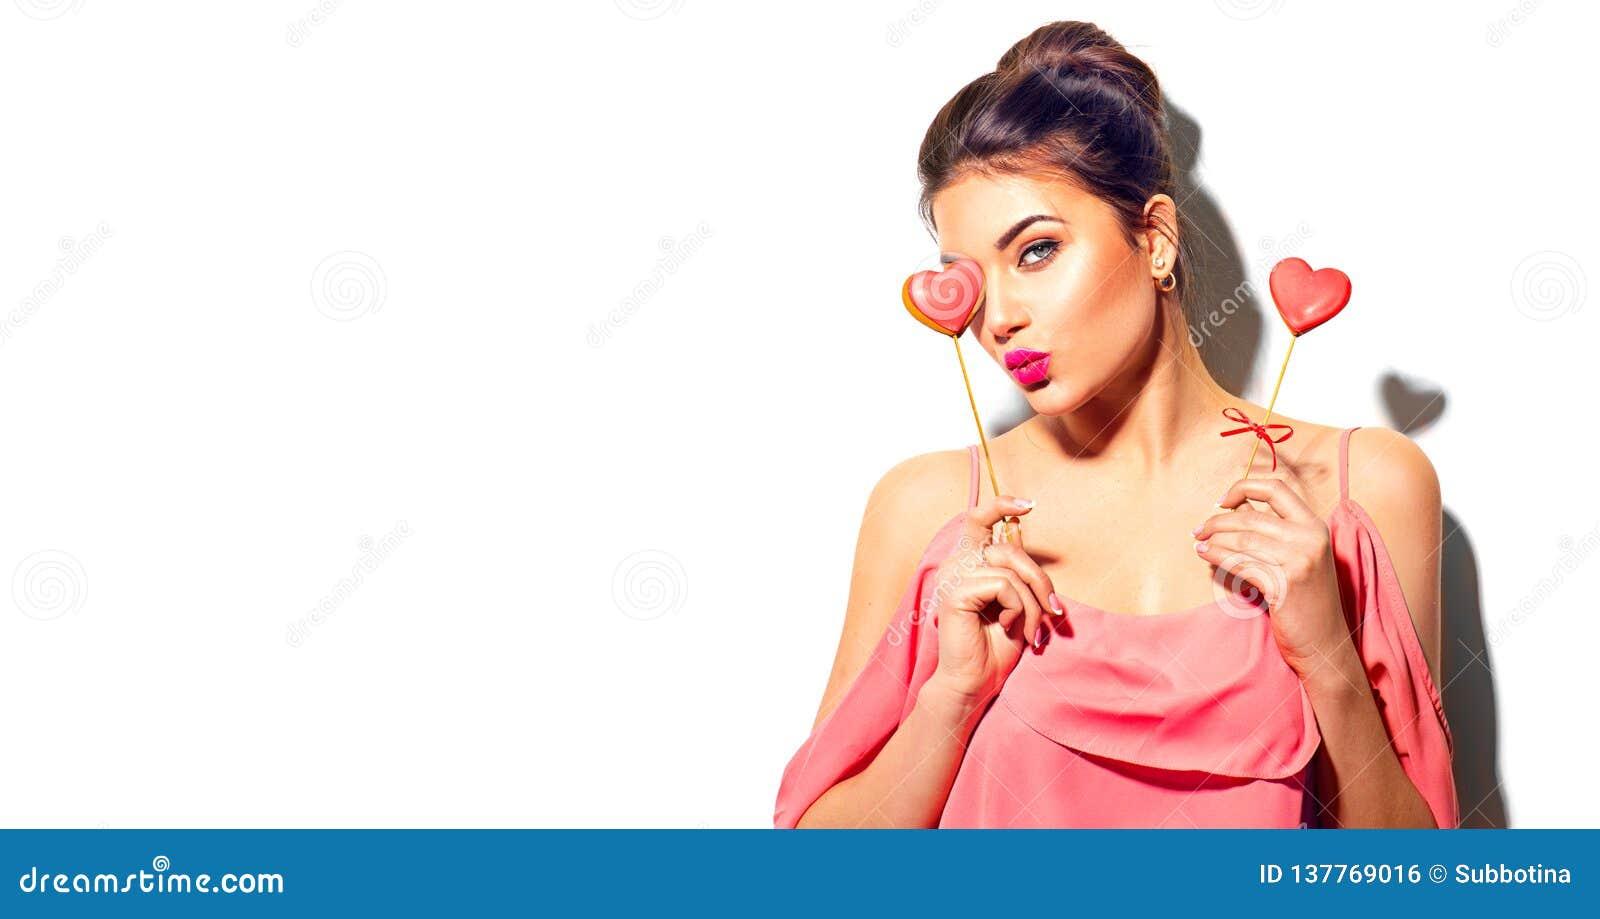 Rote Rose Formte frohes junges Mode-Modell-Mädchen der Schönheit mit Valentine Heart Plätzchen in ihren Händen